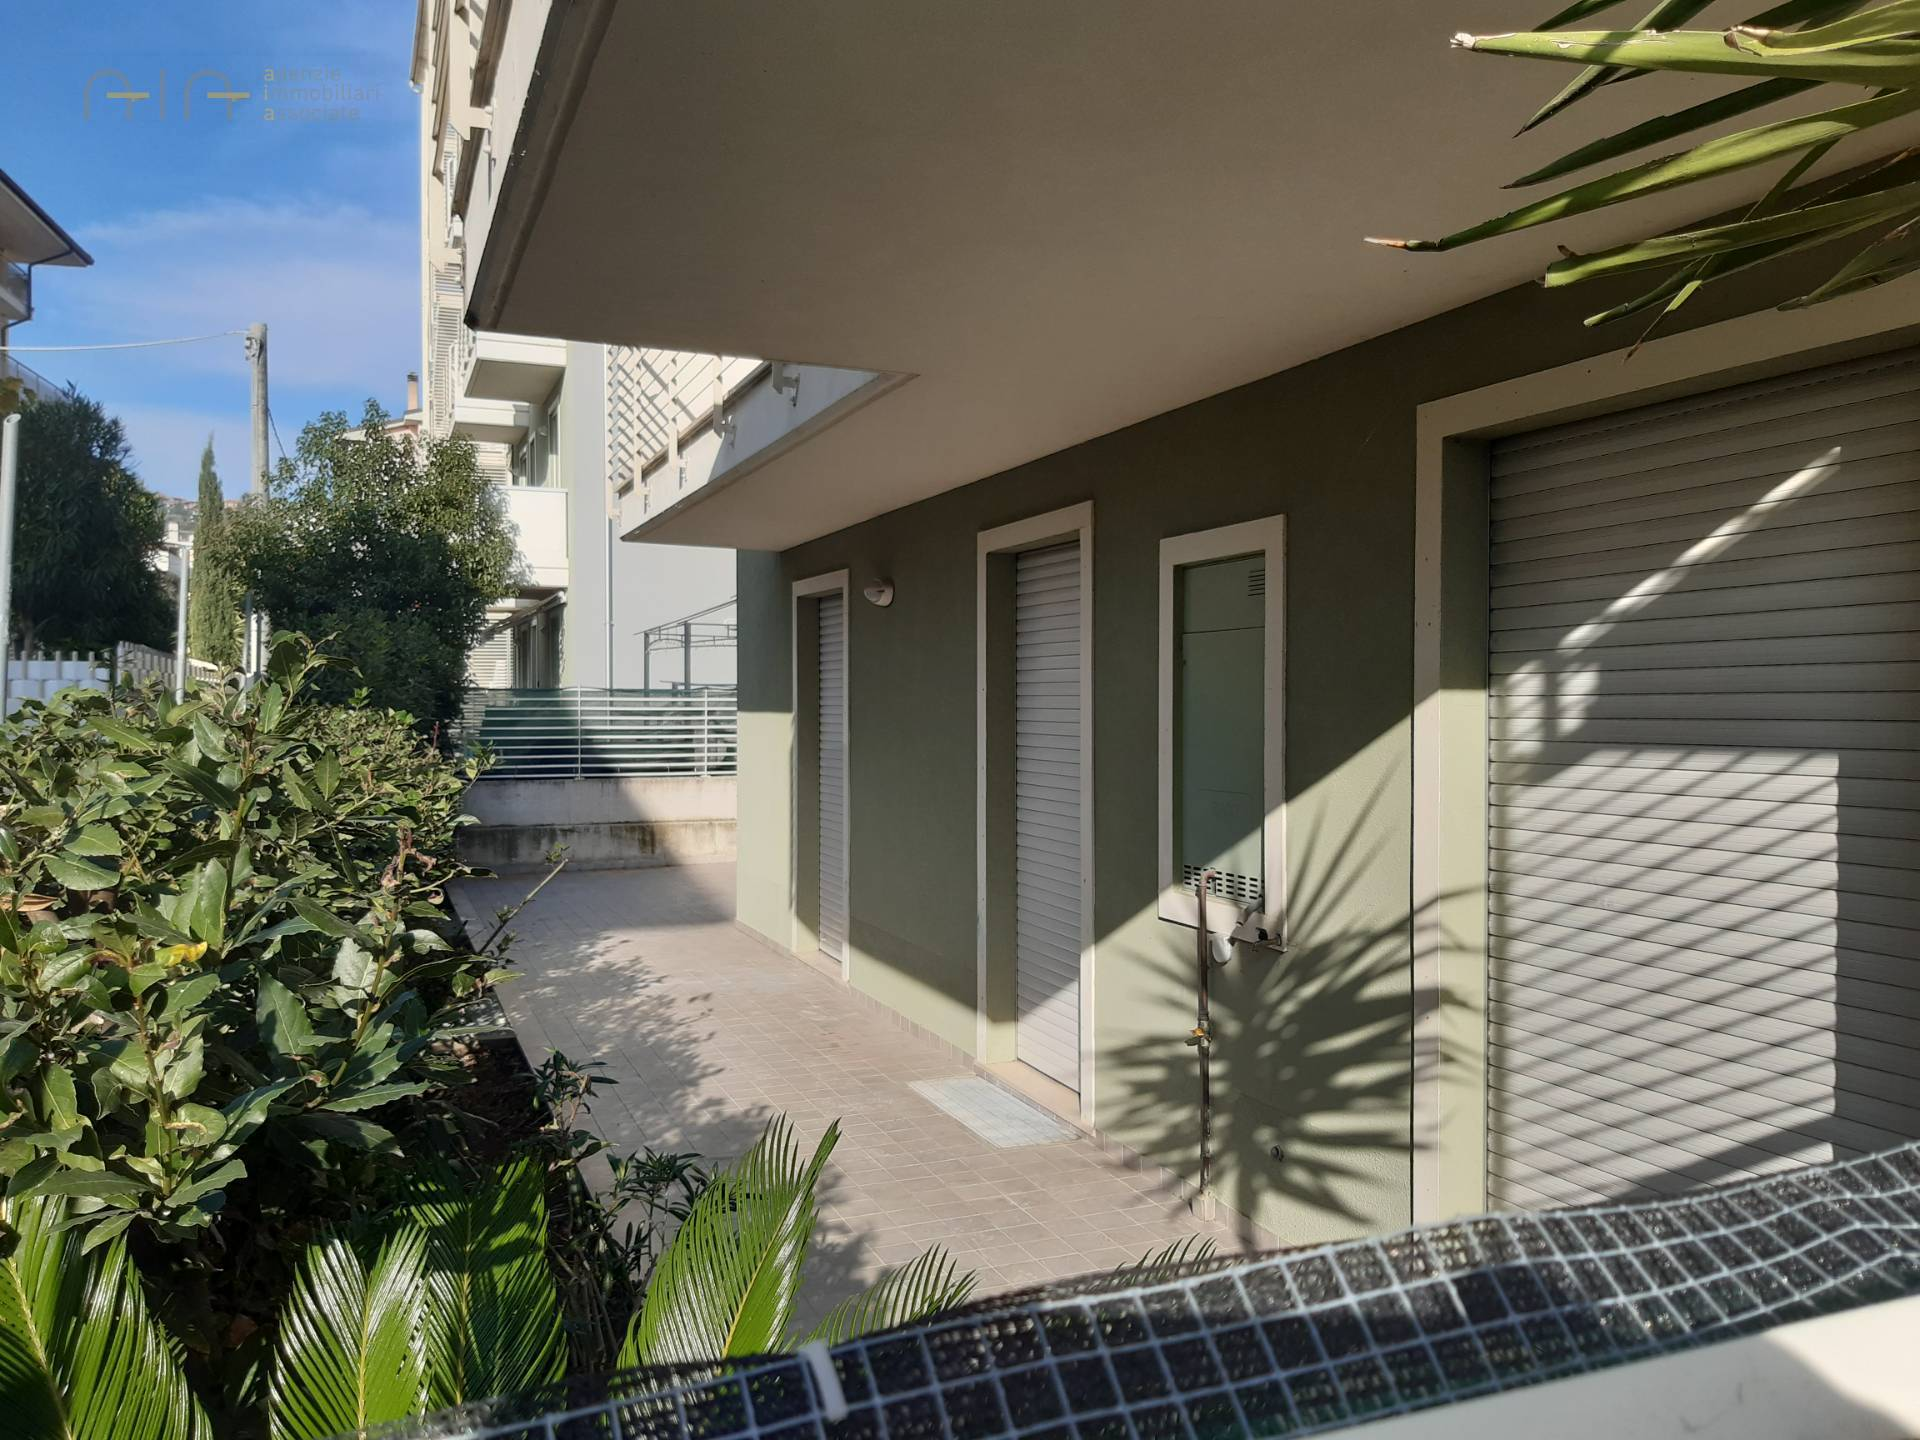 Appartamento in vendita a Grottammare, 4 locali, zona Località: Residenzialenord(sopraLass16,anorddelTesino, prezzo € 155.000 | PortaleAgenzieImmobiliari.it